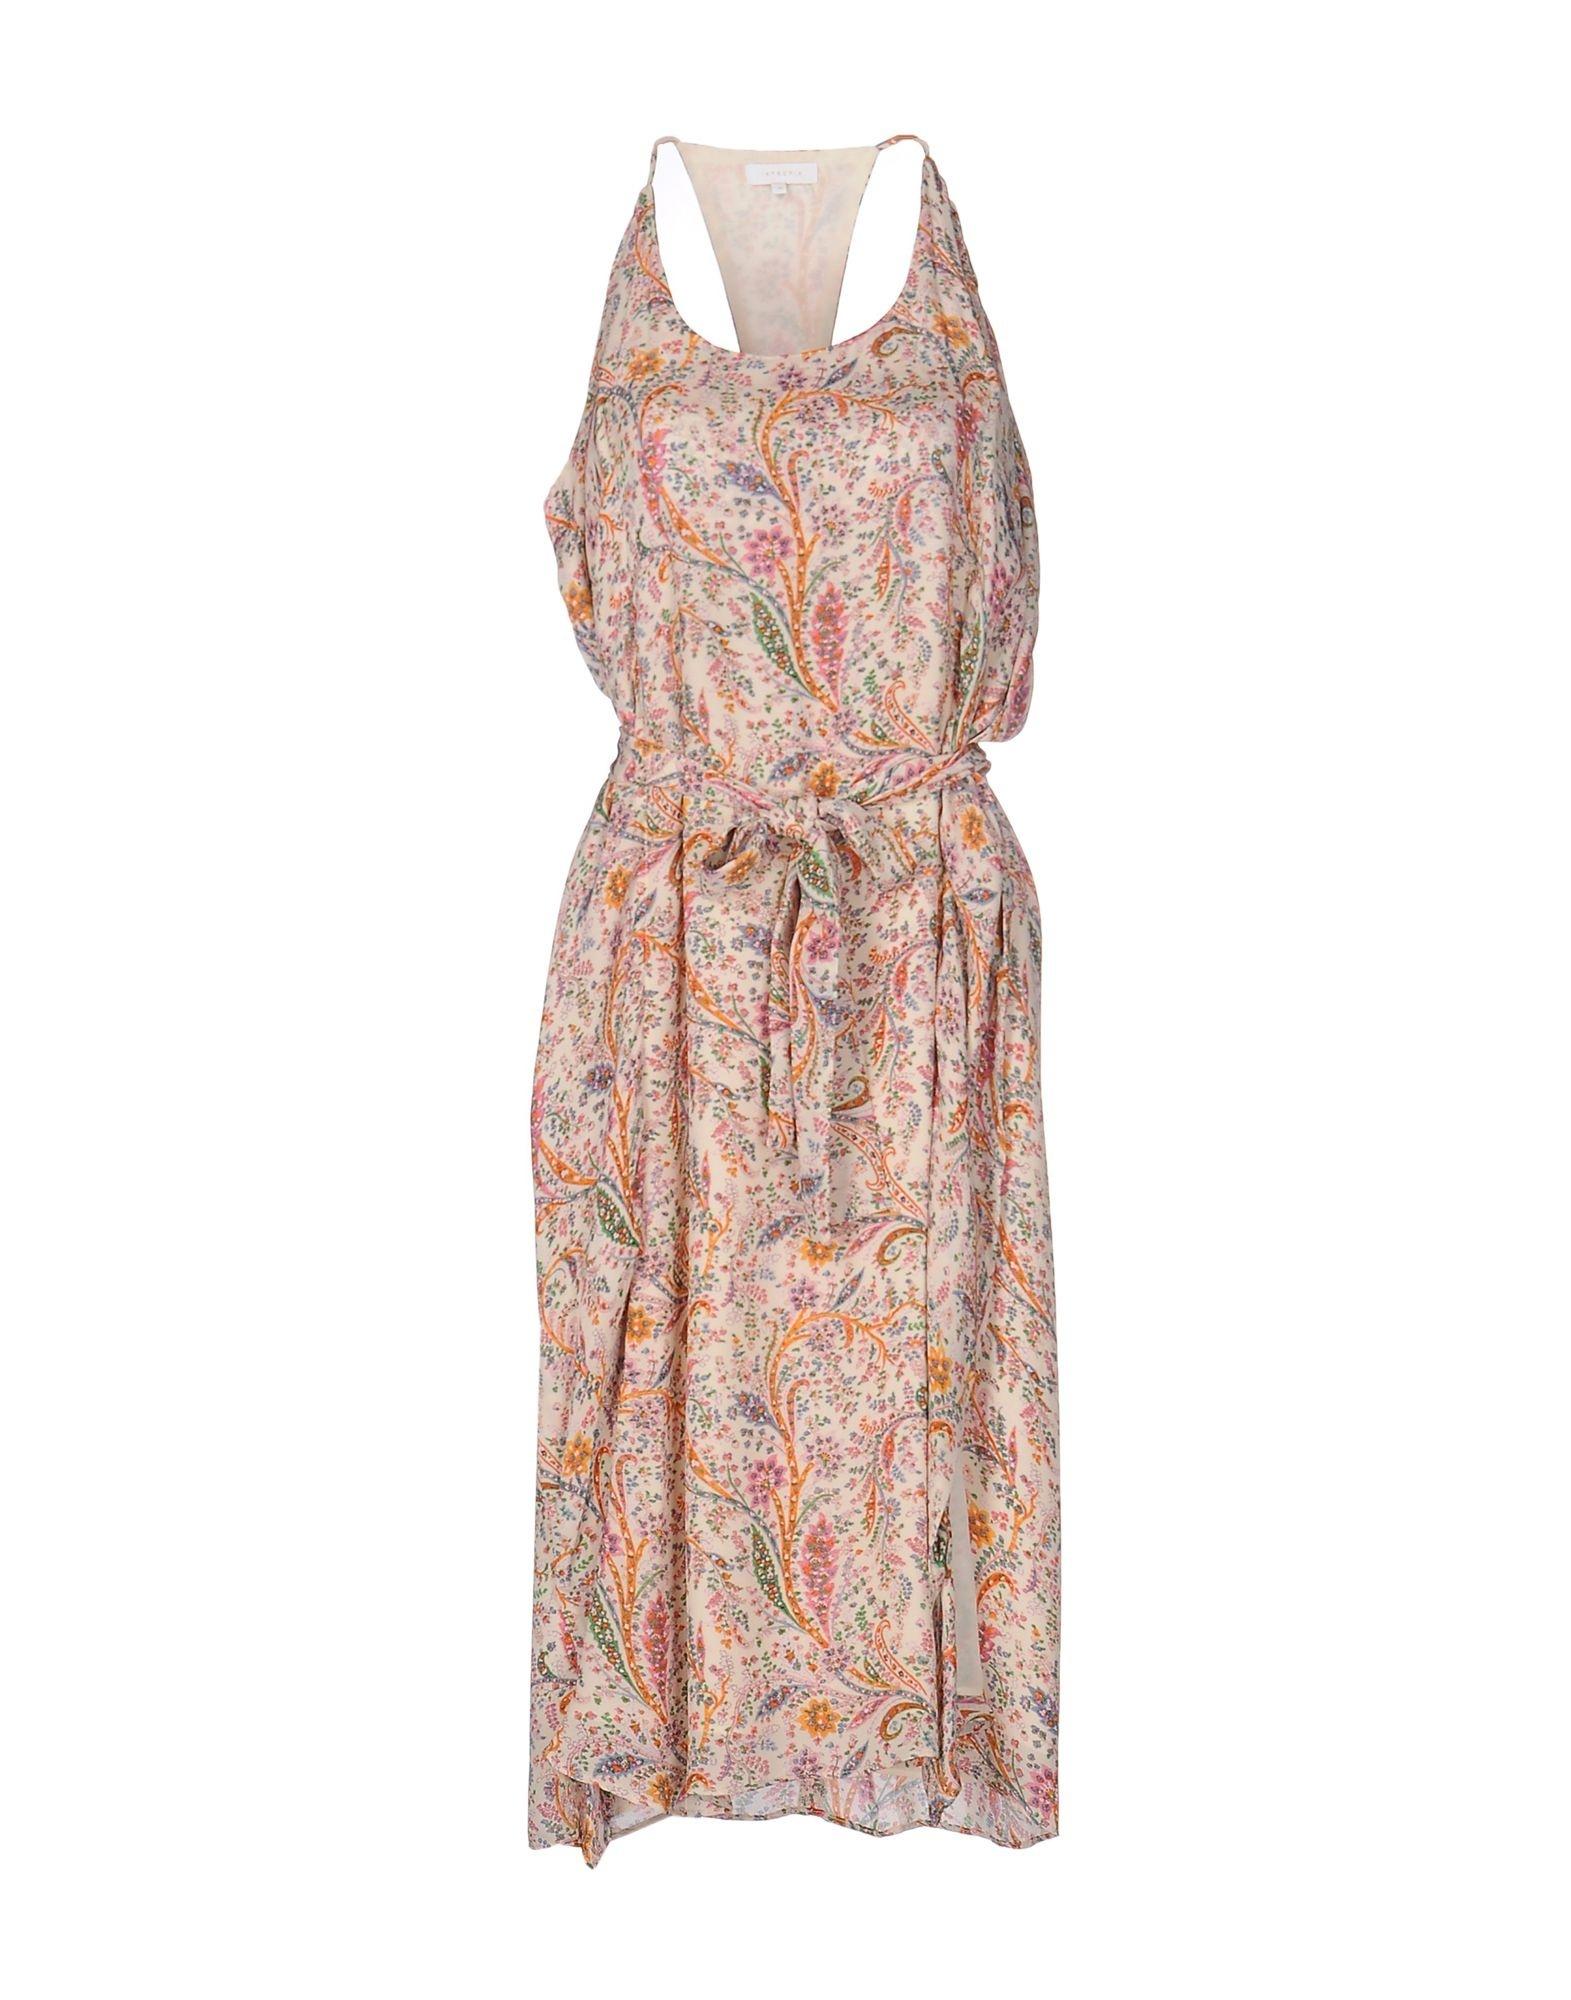 17 Elegant Abendkleider Billig Online Kaufen Ärmel10 Wunderbar Abendkleider Billig Online Kaufen Stylish